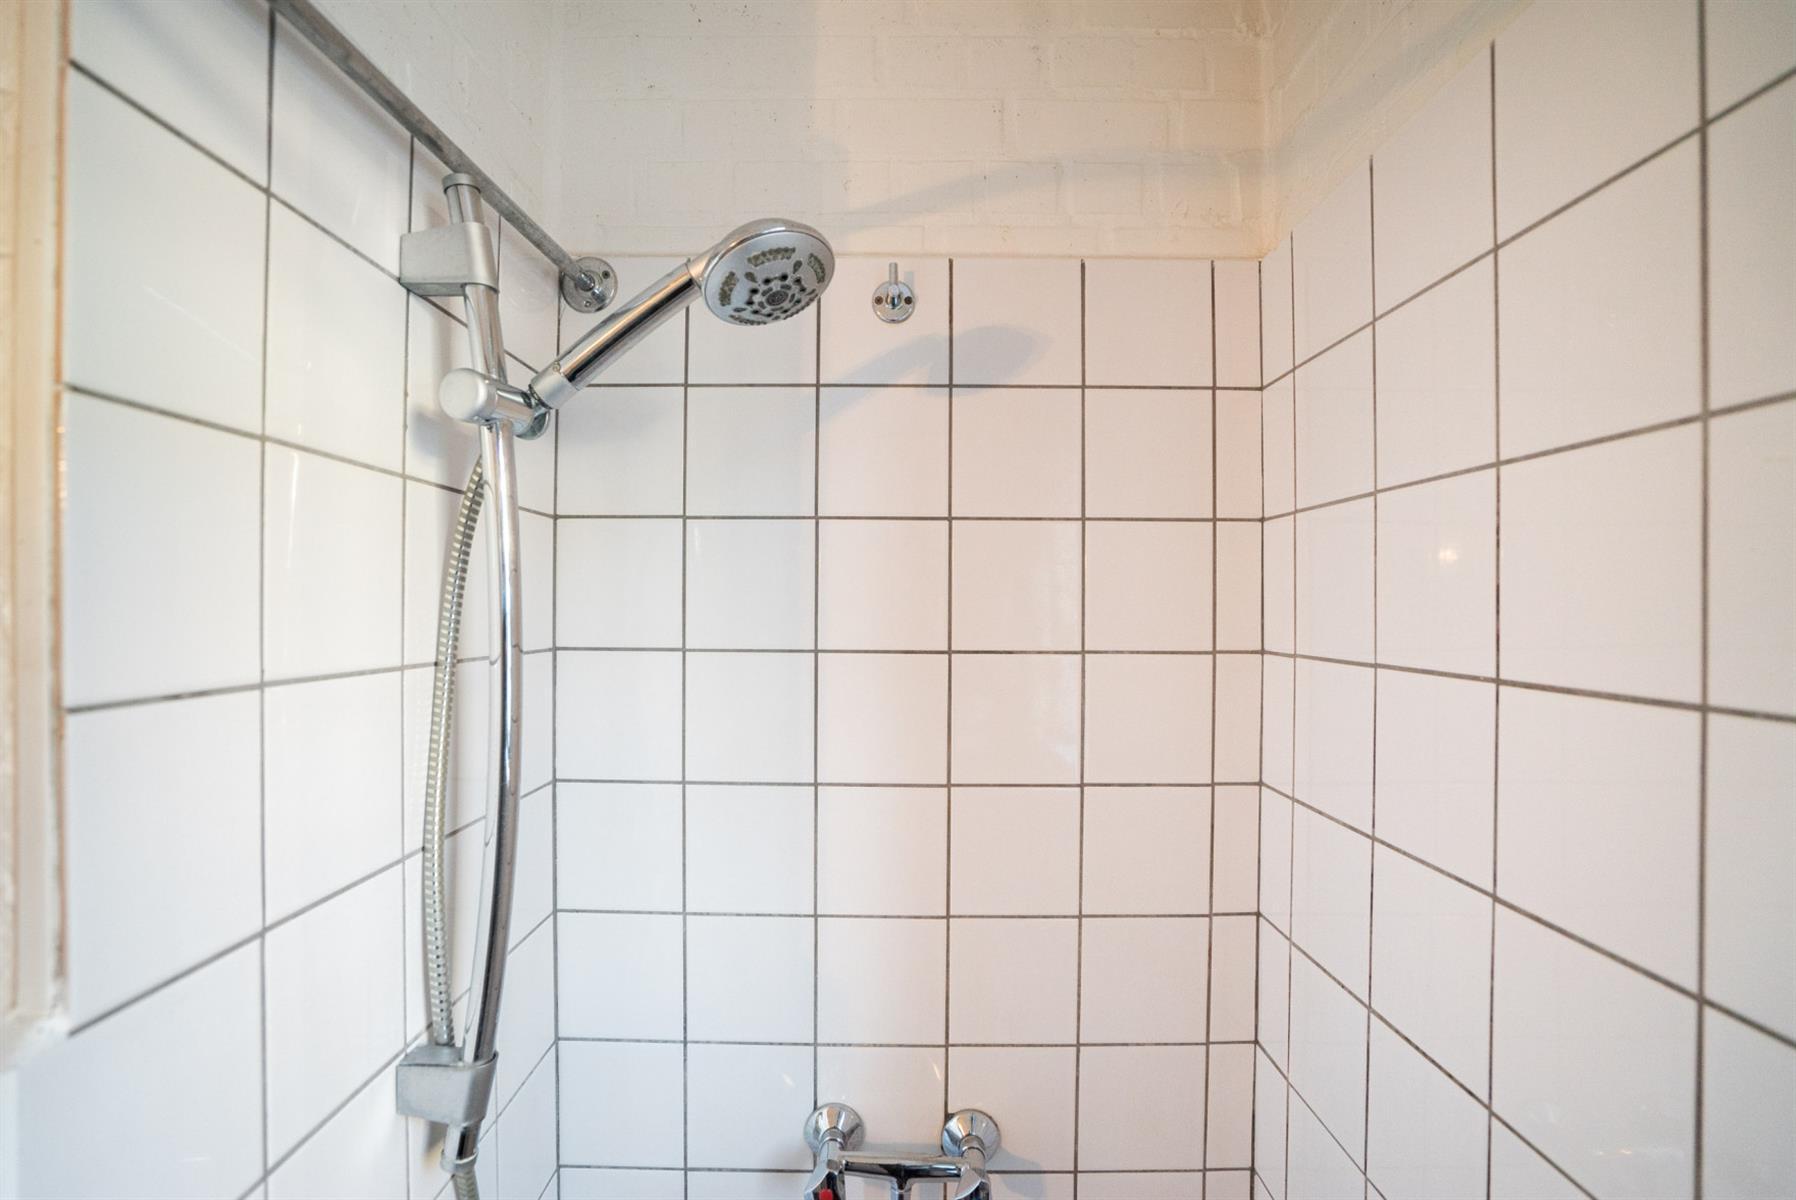 Appartement - Ottignies-Louvain-la-Neuve Louvain-la-Neuve - #4208592-13